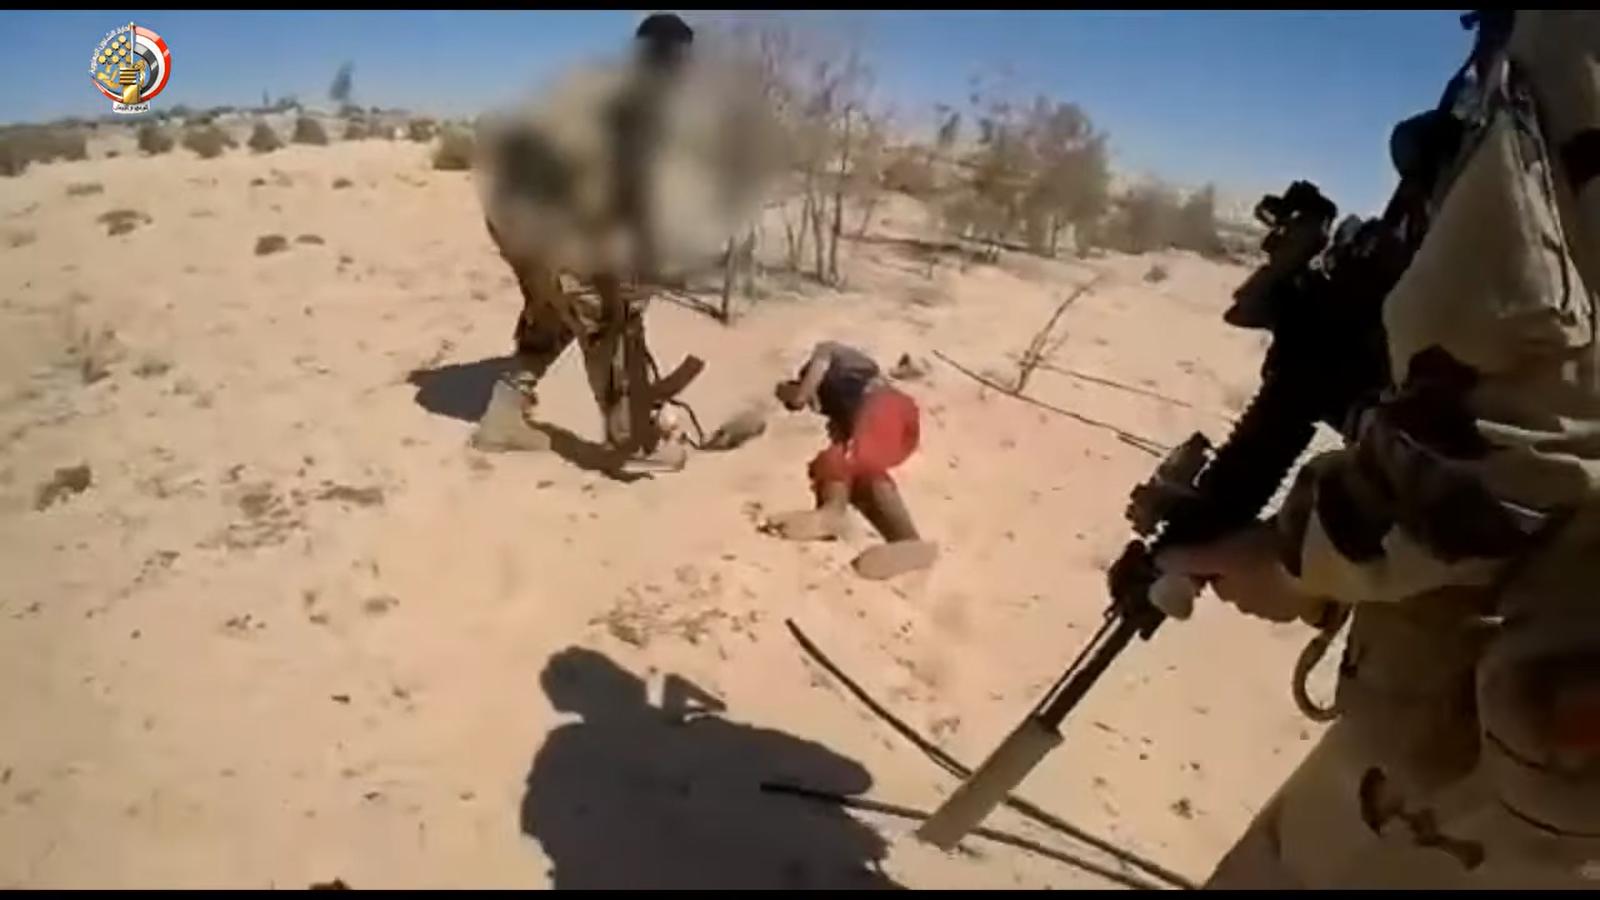 القوات المسلحة تعلن مقتل 89 تكفيريا بشمال سيناء  (1)